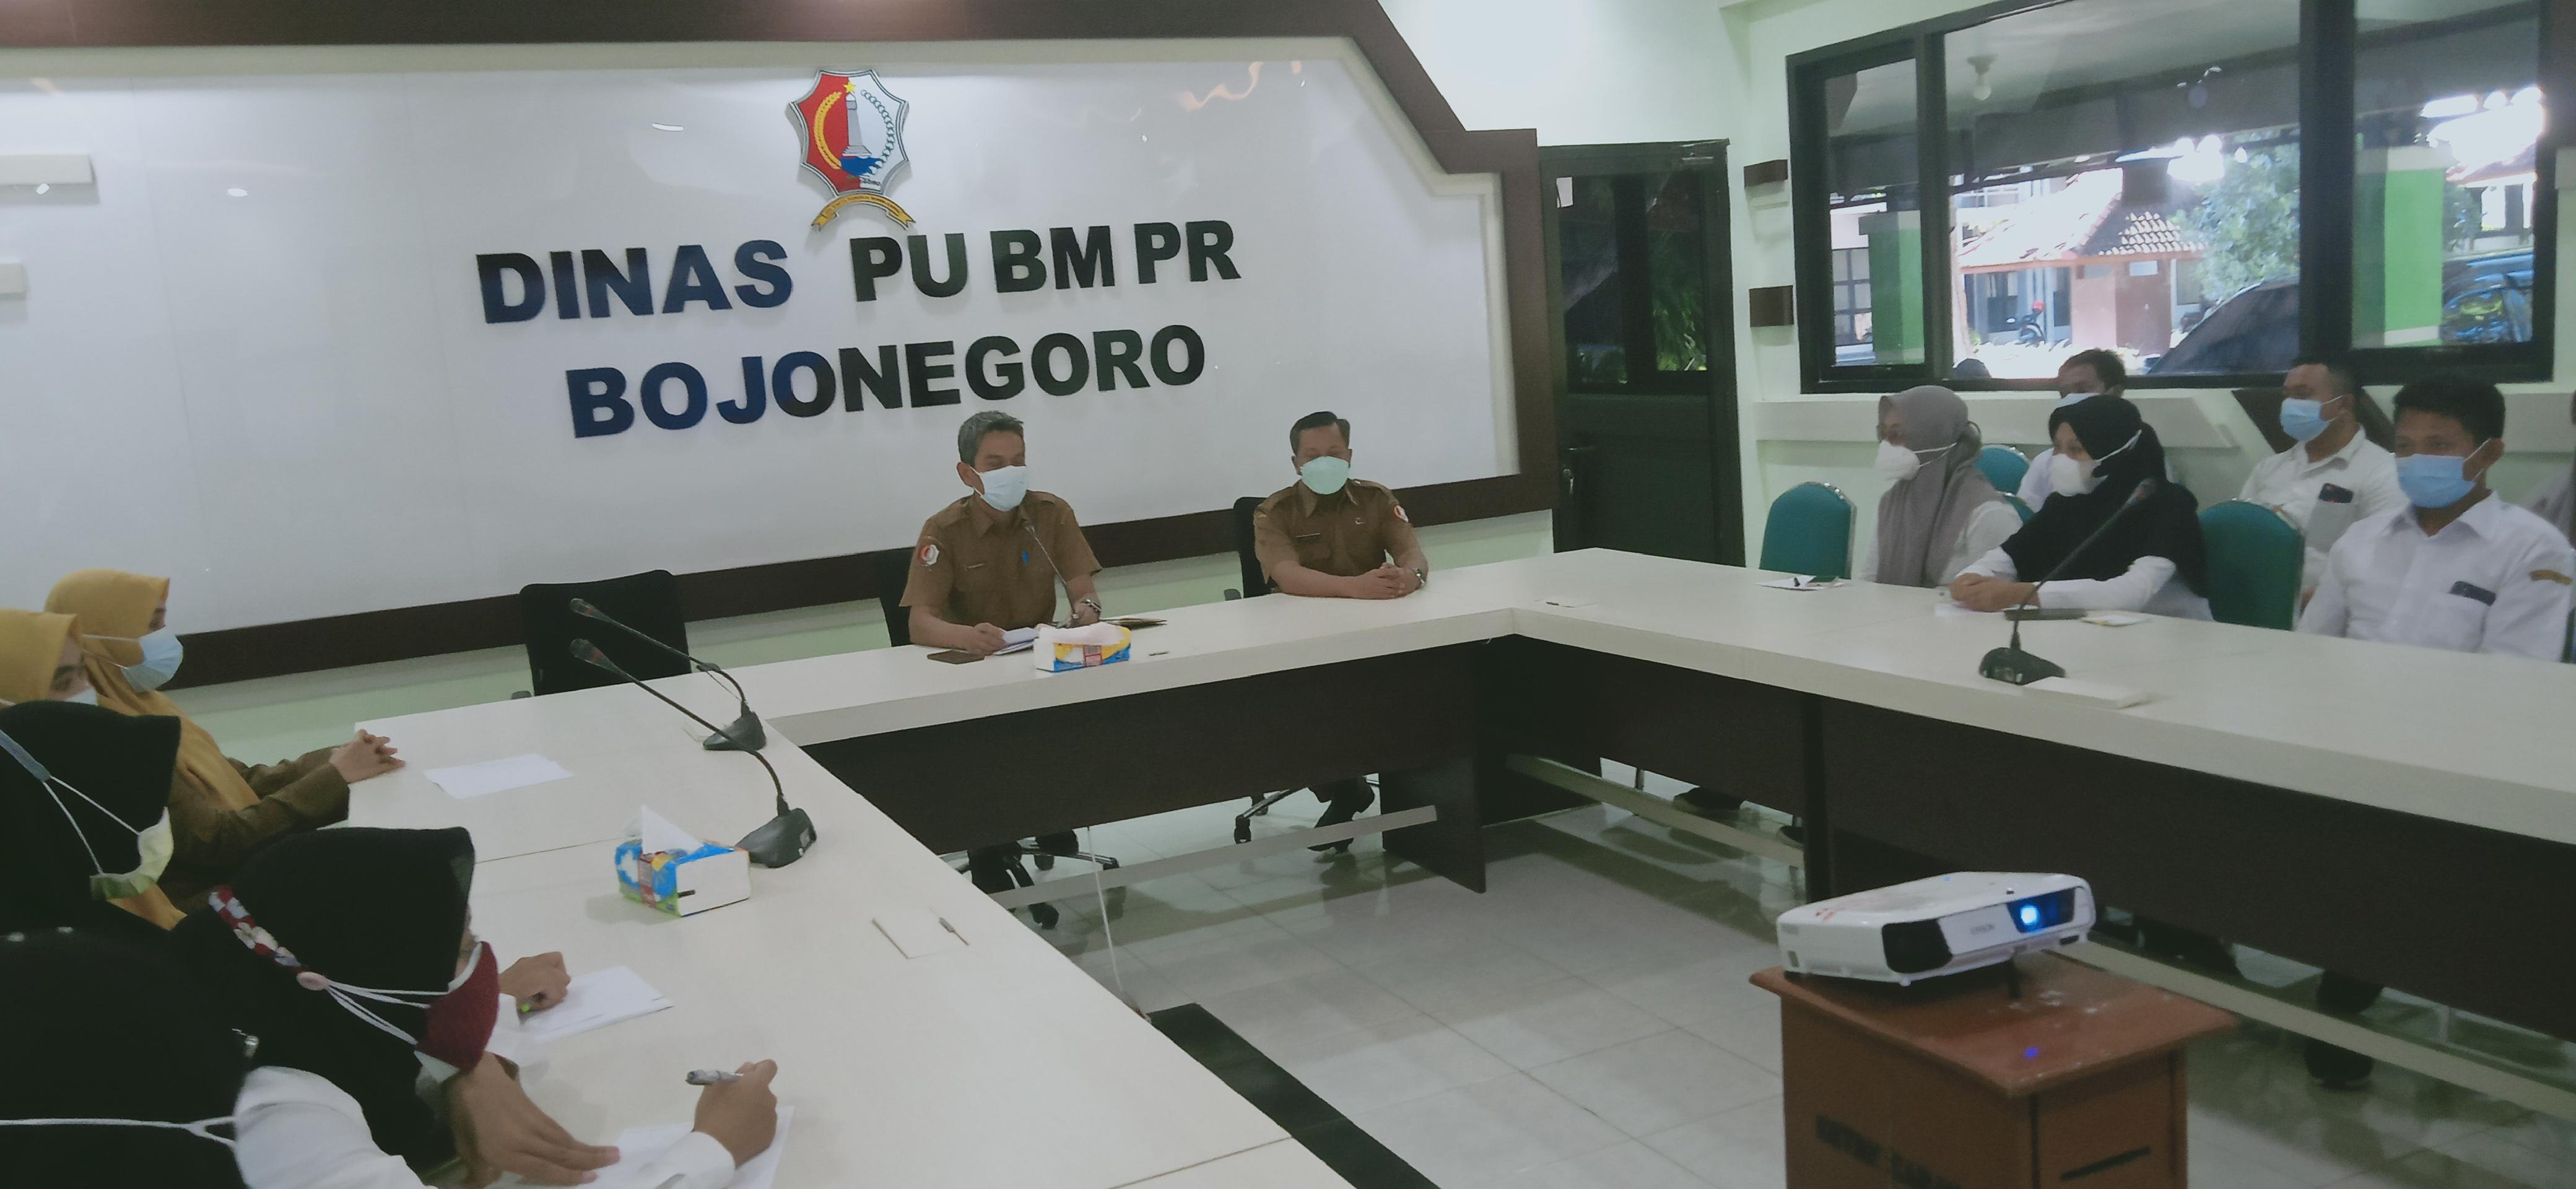 Pembinaan dilaksanakan di Dinas PU Bina Marga dan PR Kabupaten Bojonegoro